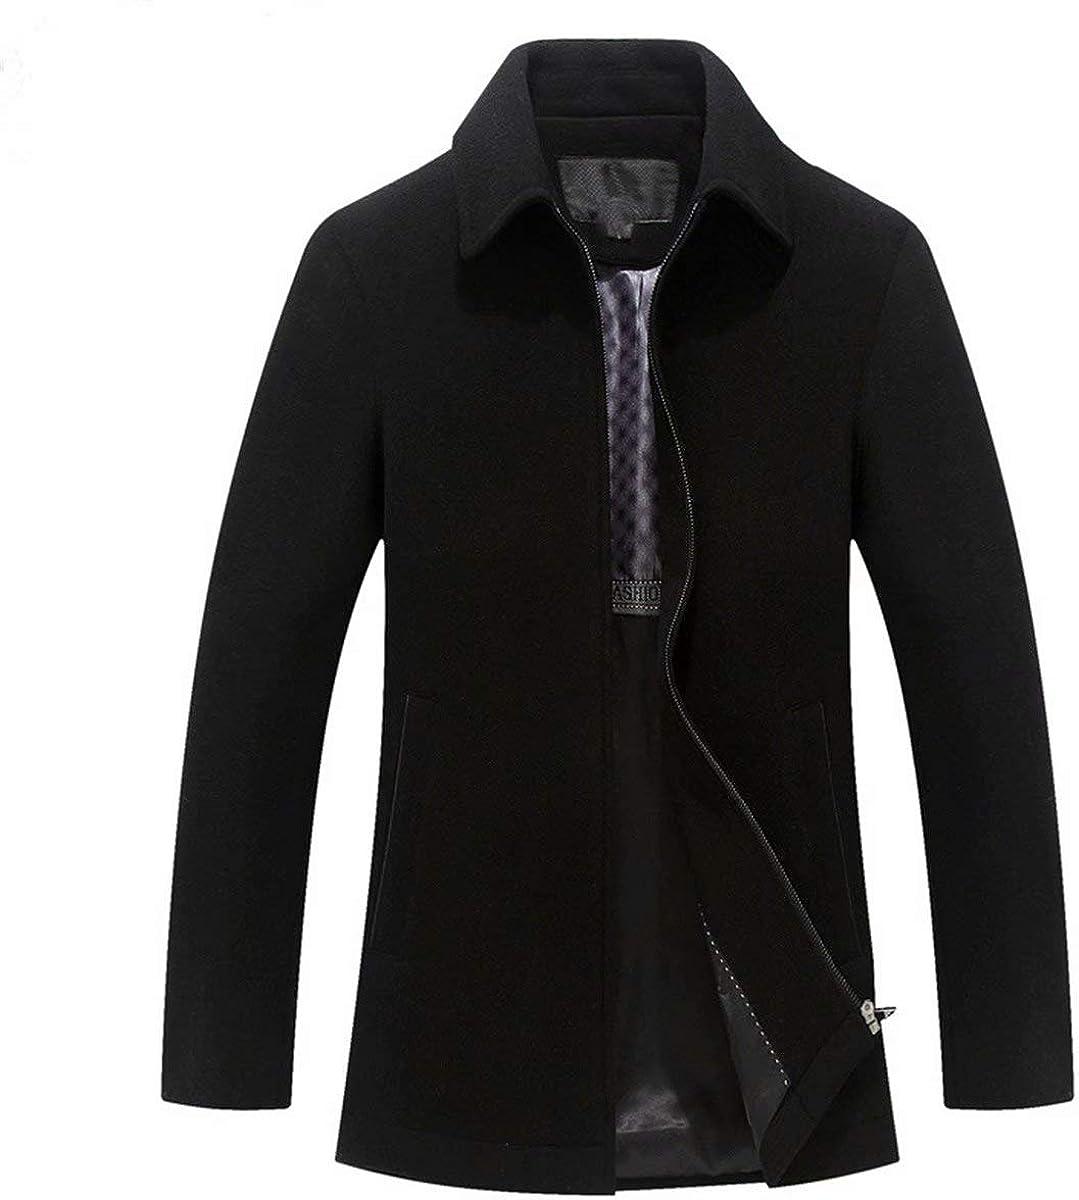 Men's Wool Coat Winter Warm Jacket Stand Collar Woolen Blend Quilted Lined Short Overcoat